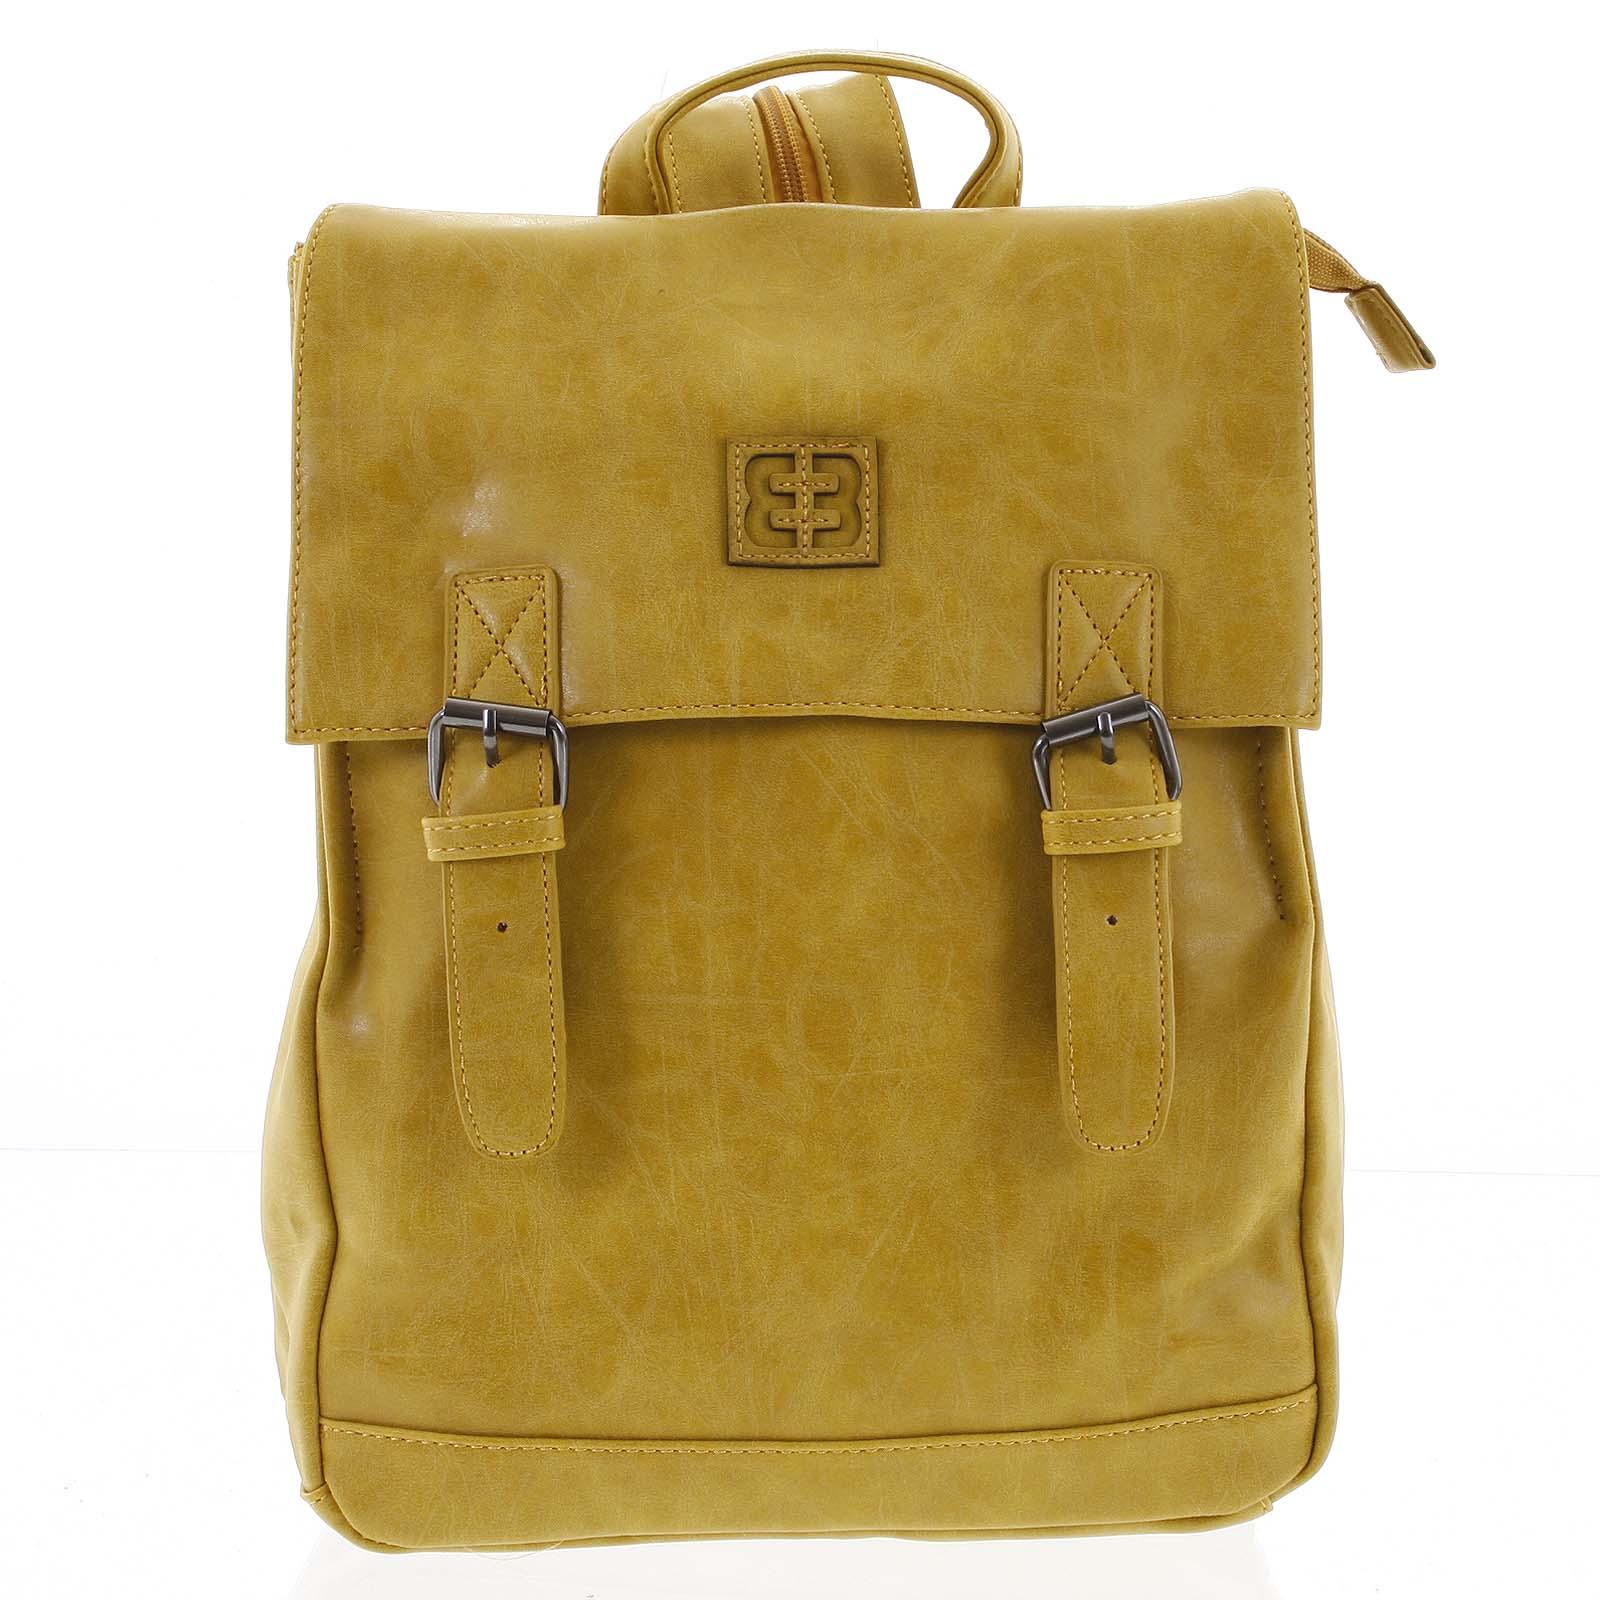 Módny štýlový stredný batoh okrovo žltý - Enrico Benetti Traverz